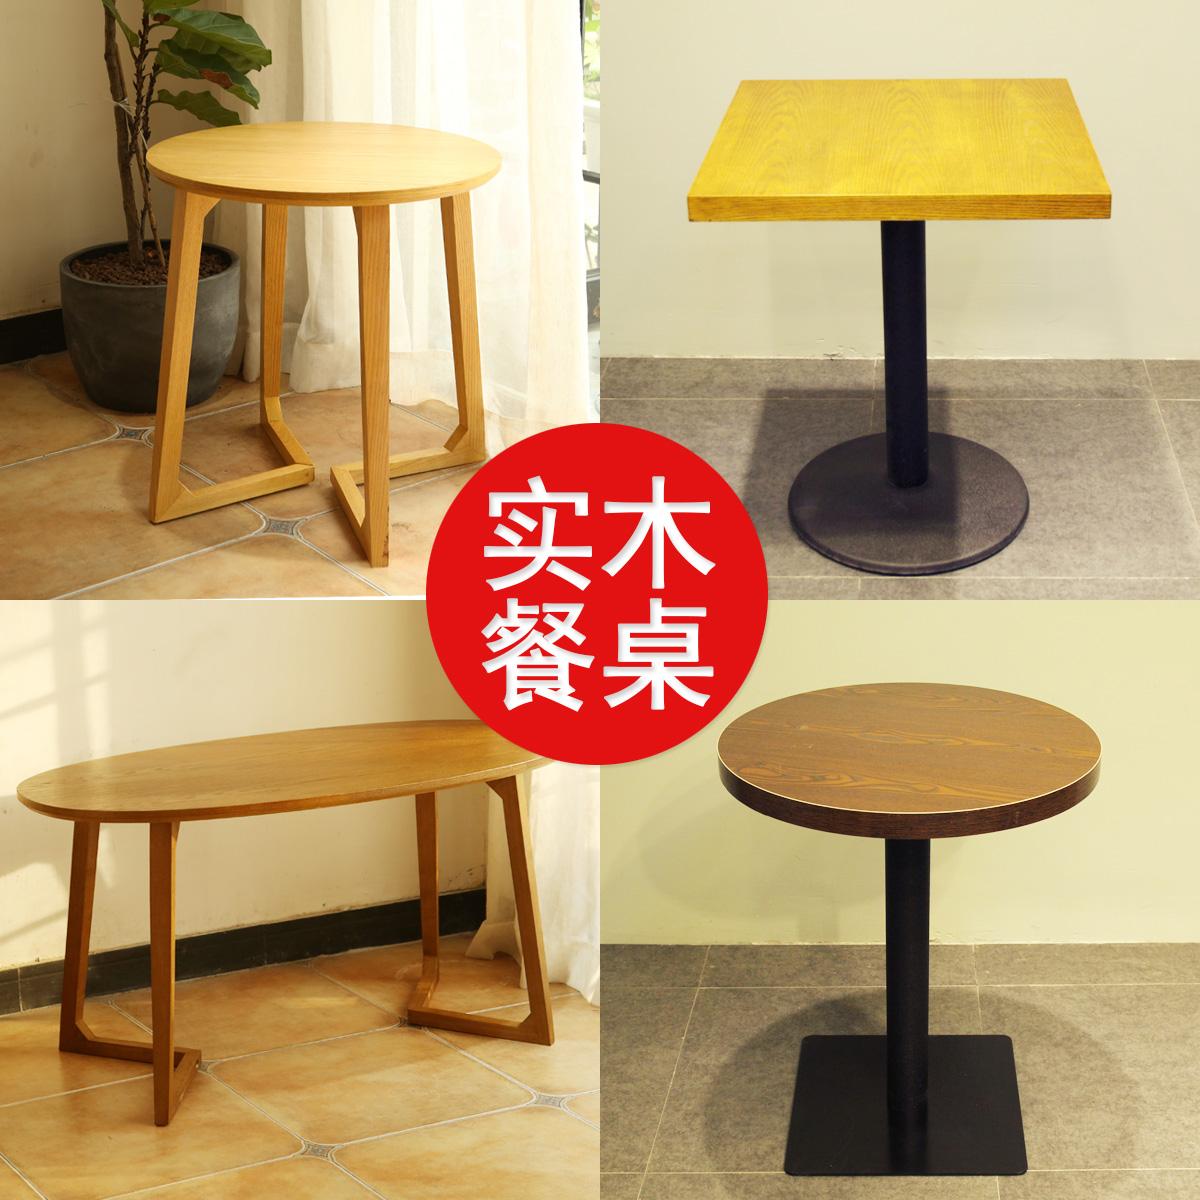 Кофе зал обеденный стол кофе дом десерт магазин чай магазин западный магазин дерево длинный стол молочный чай магазин столы и стулья сочетание